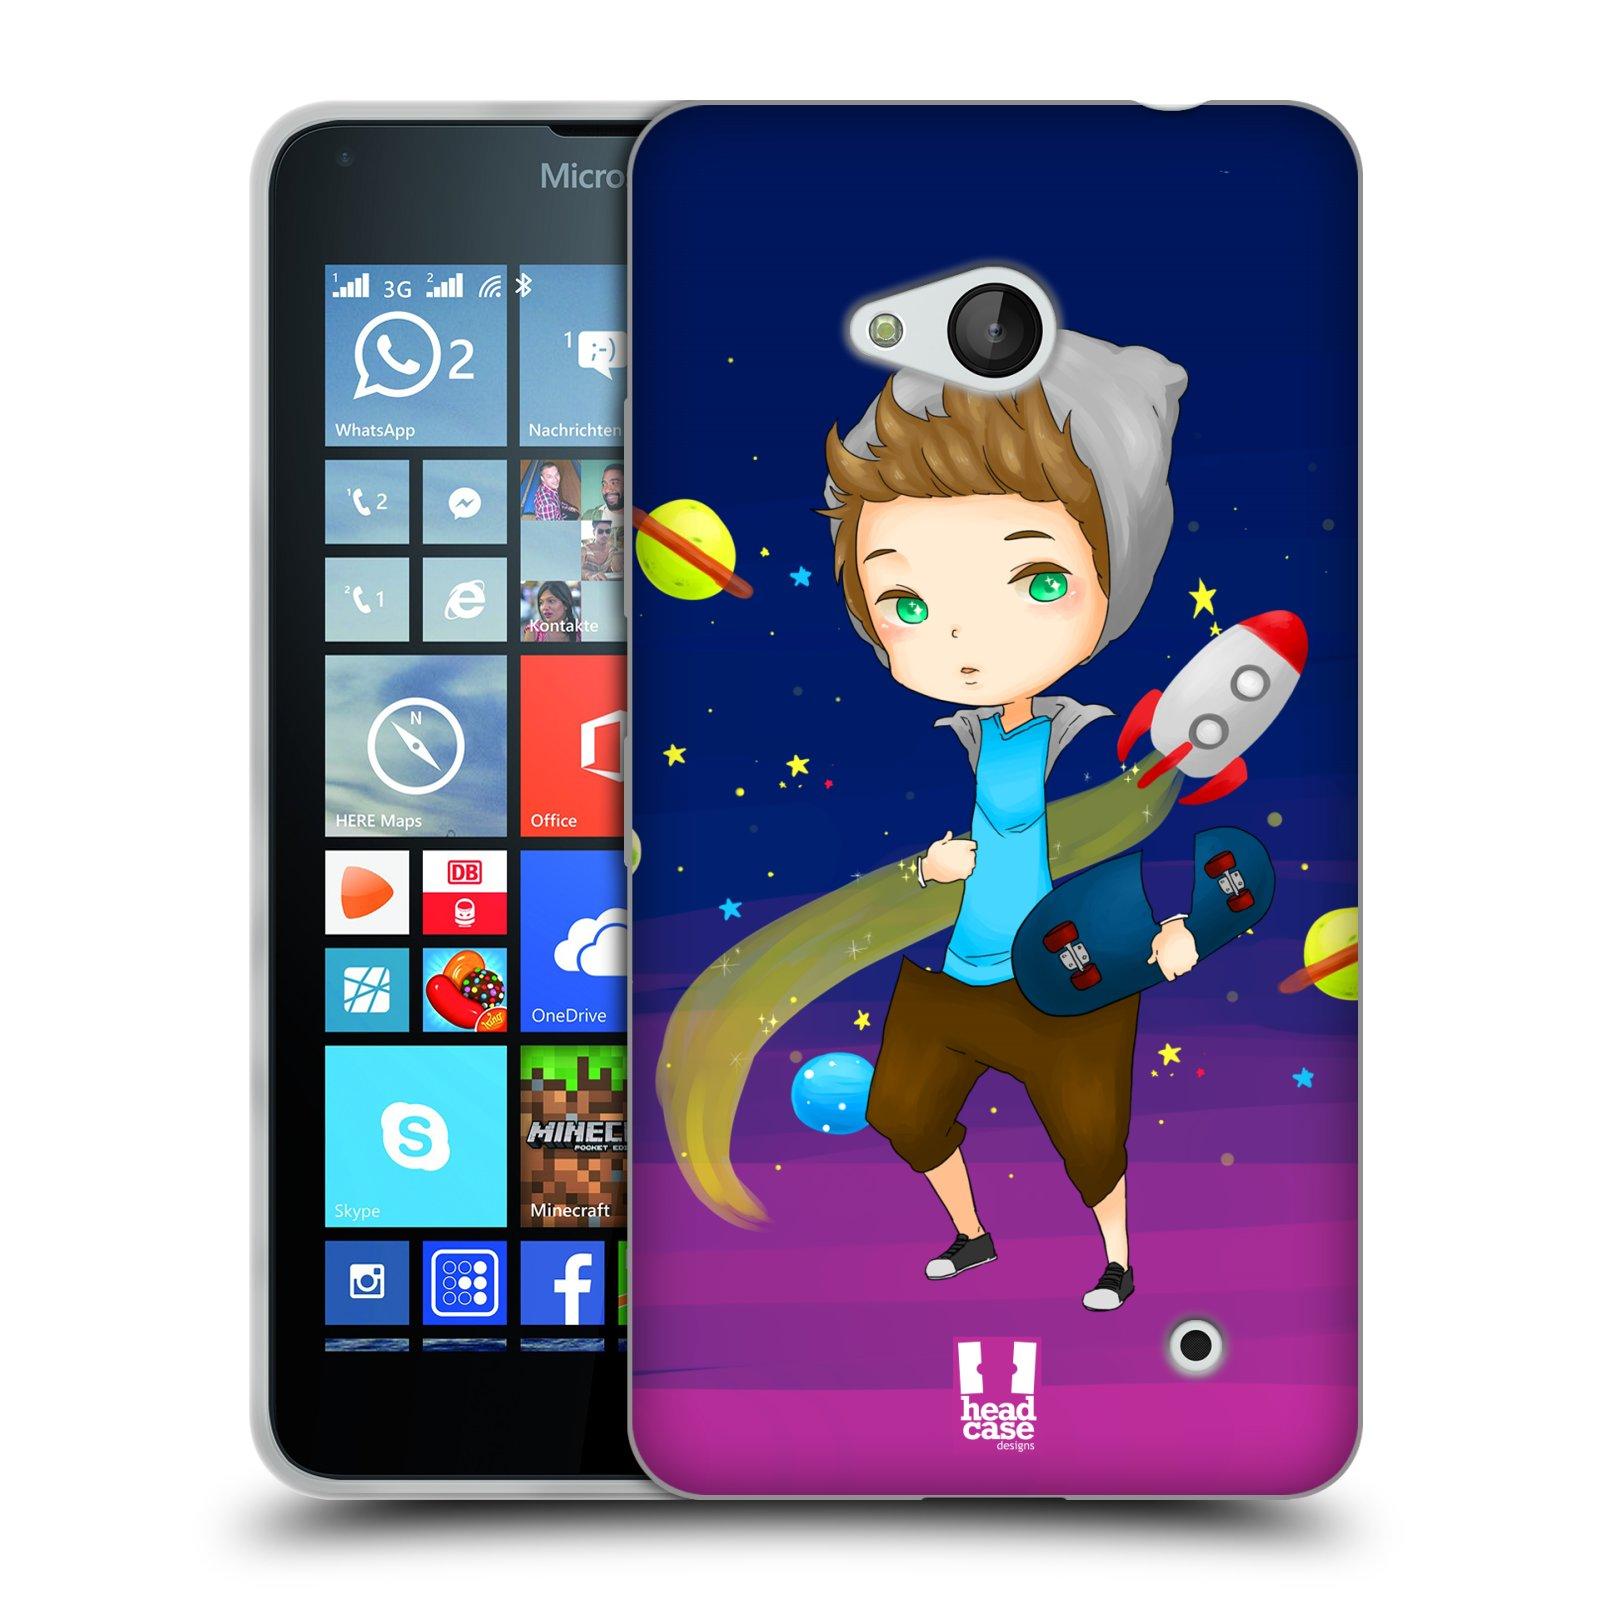 HEAD CASE silikonový obal na mobil Microsoft / Nokia Lumia 640 / Lumia 640 DUAL vzor Kreslené postavičky vesmír zmizení GALAXIE